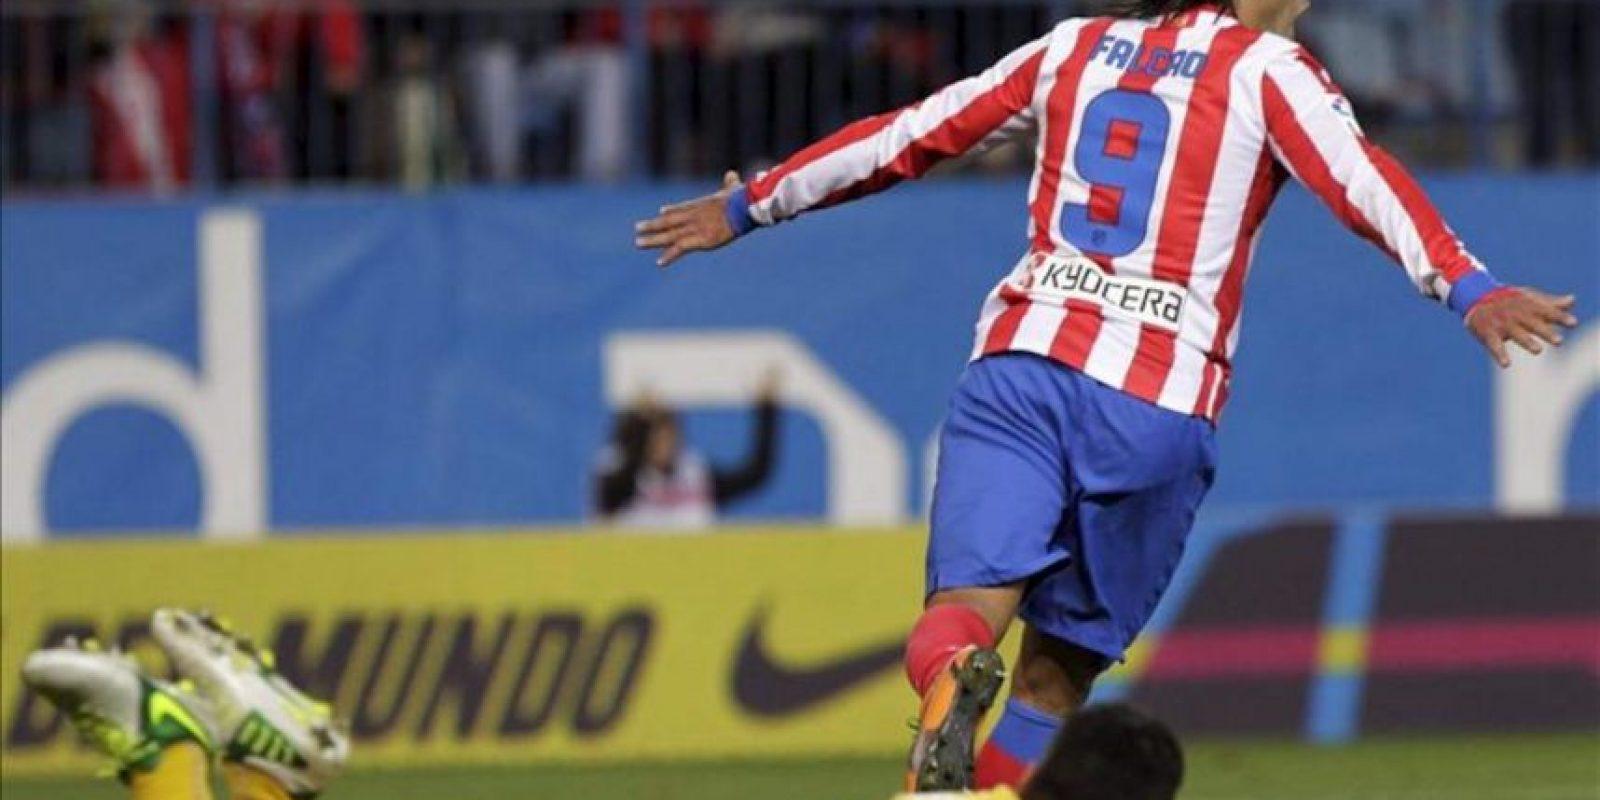 El delantero colombiano del Atlético de Madrid Radamel Falcao García (d) celebra el gol que ha marcado ante el Osasuna, el tercero del equipo, durante el partido correspondiente a la novena jornada de la Liga disputado en el estadio Vicente Calderón de Madrid. EFE